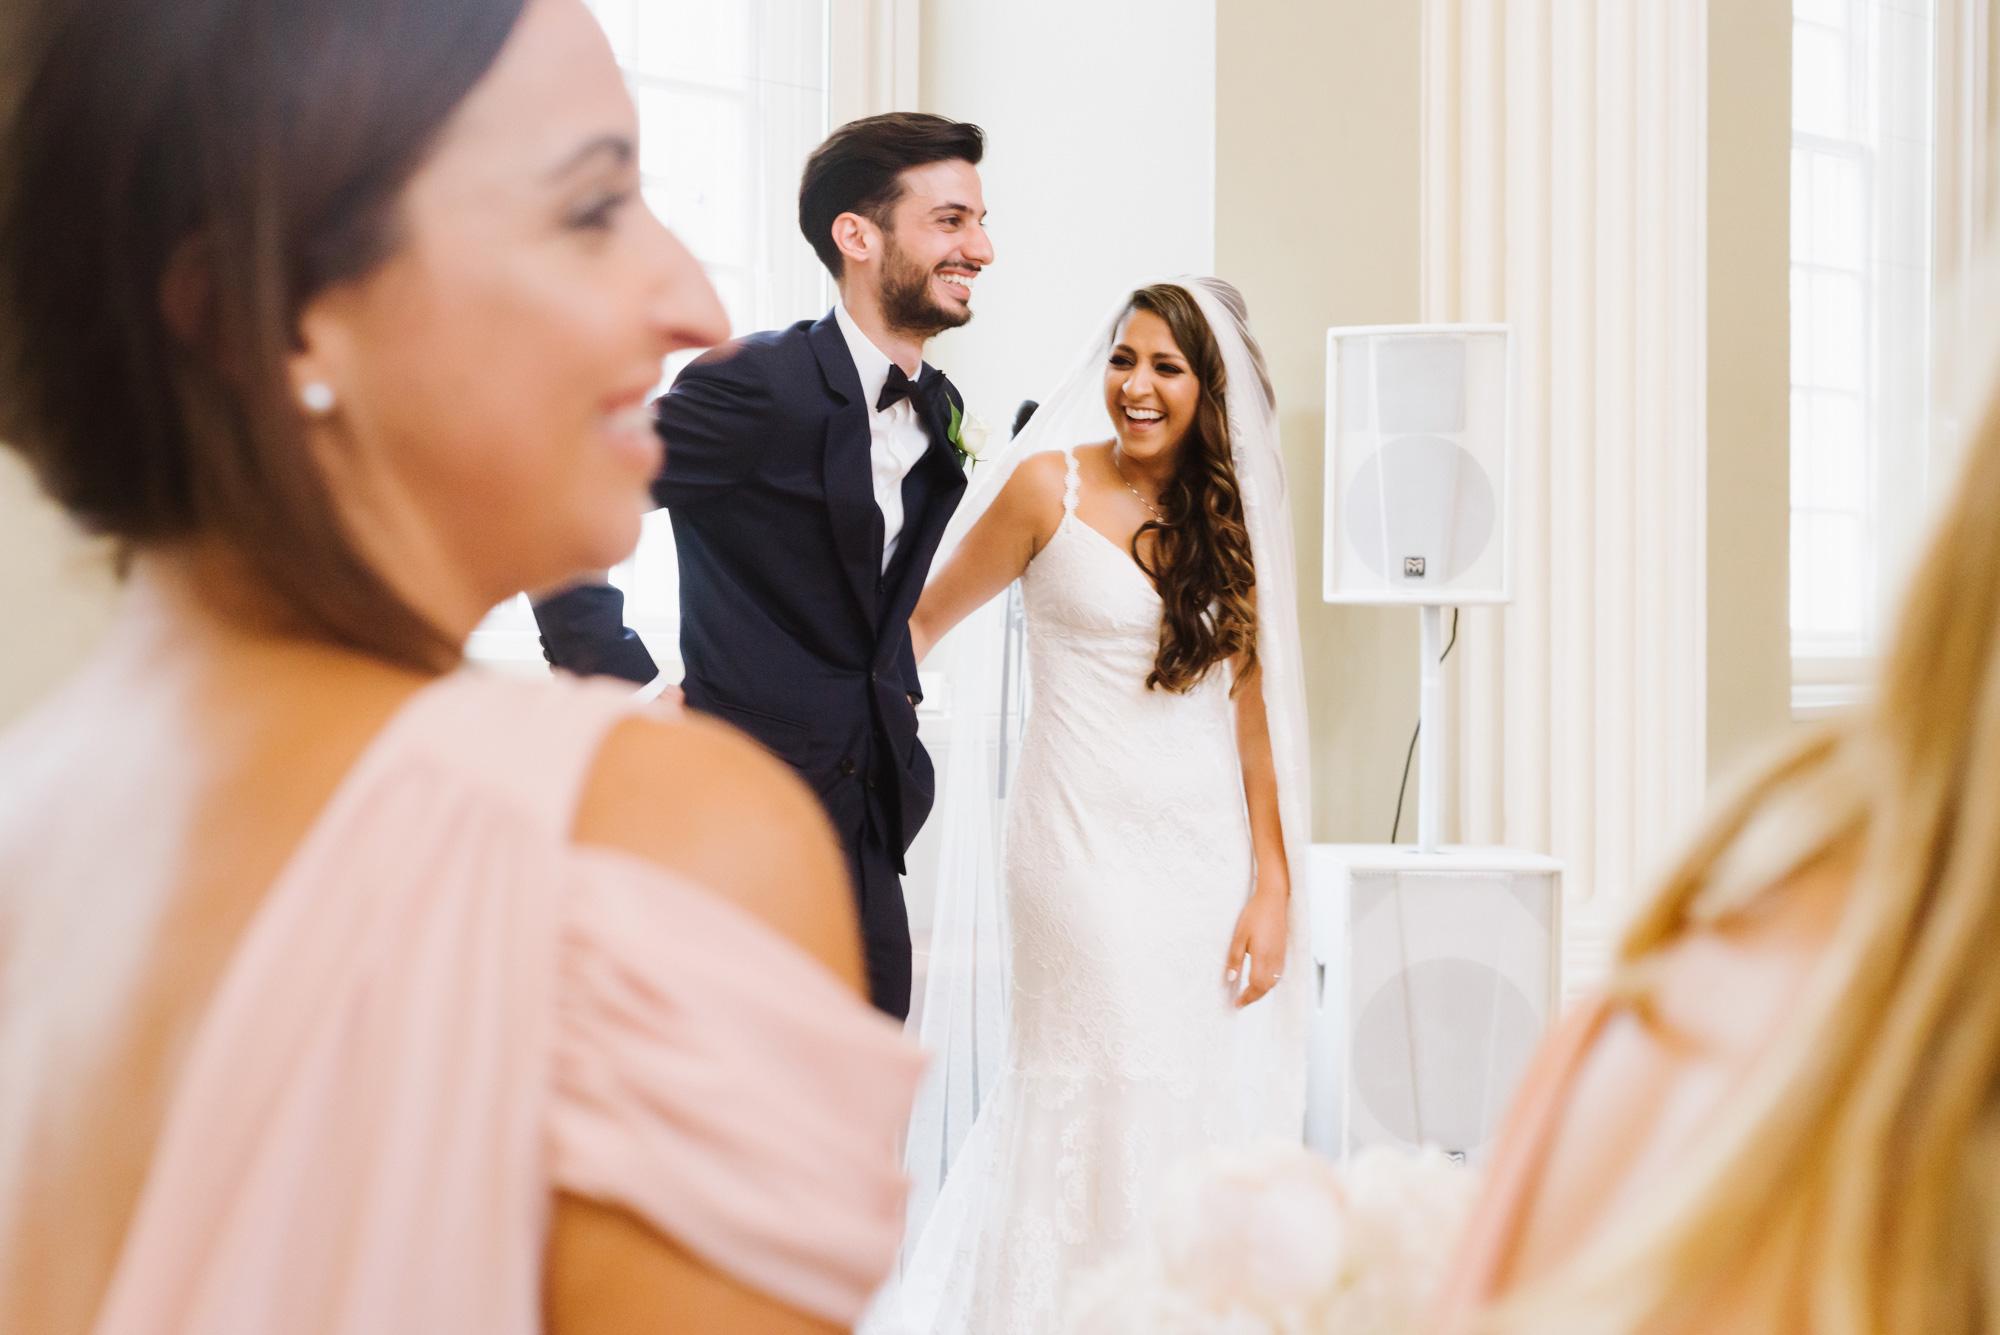 wedding at banqueting house london